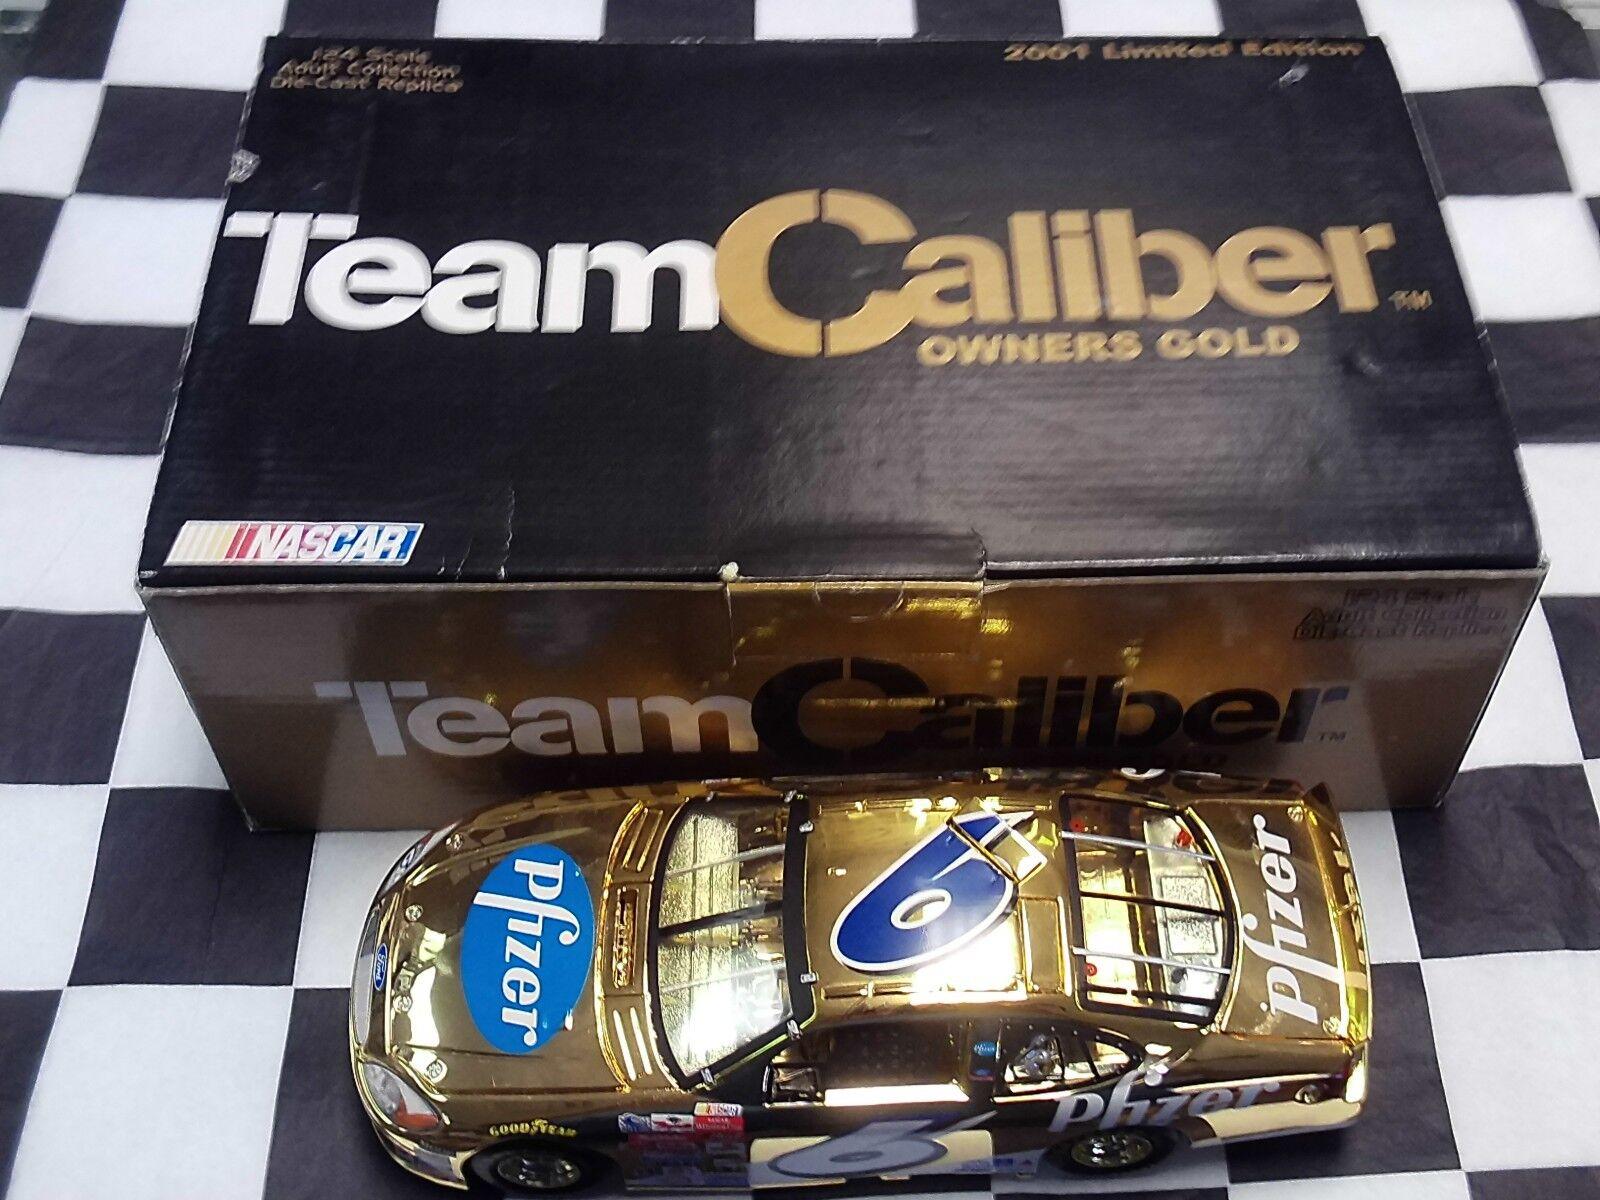 ahorra hasta un 30-50% de descuento Mark Martin  6 Pfizer 2001 Taurus 1 24 equipo equipo equipo de calibre propietarios de oro G062063PF Nuevo En Caja  ventas al por mayor